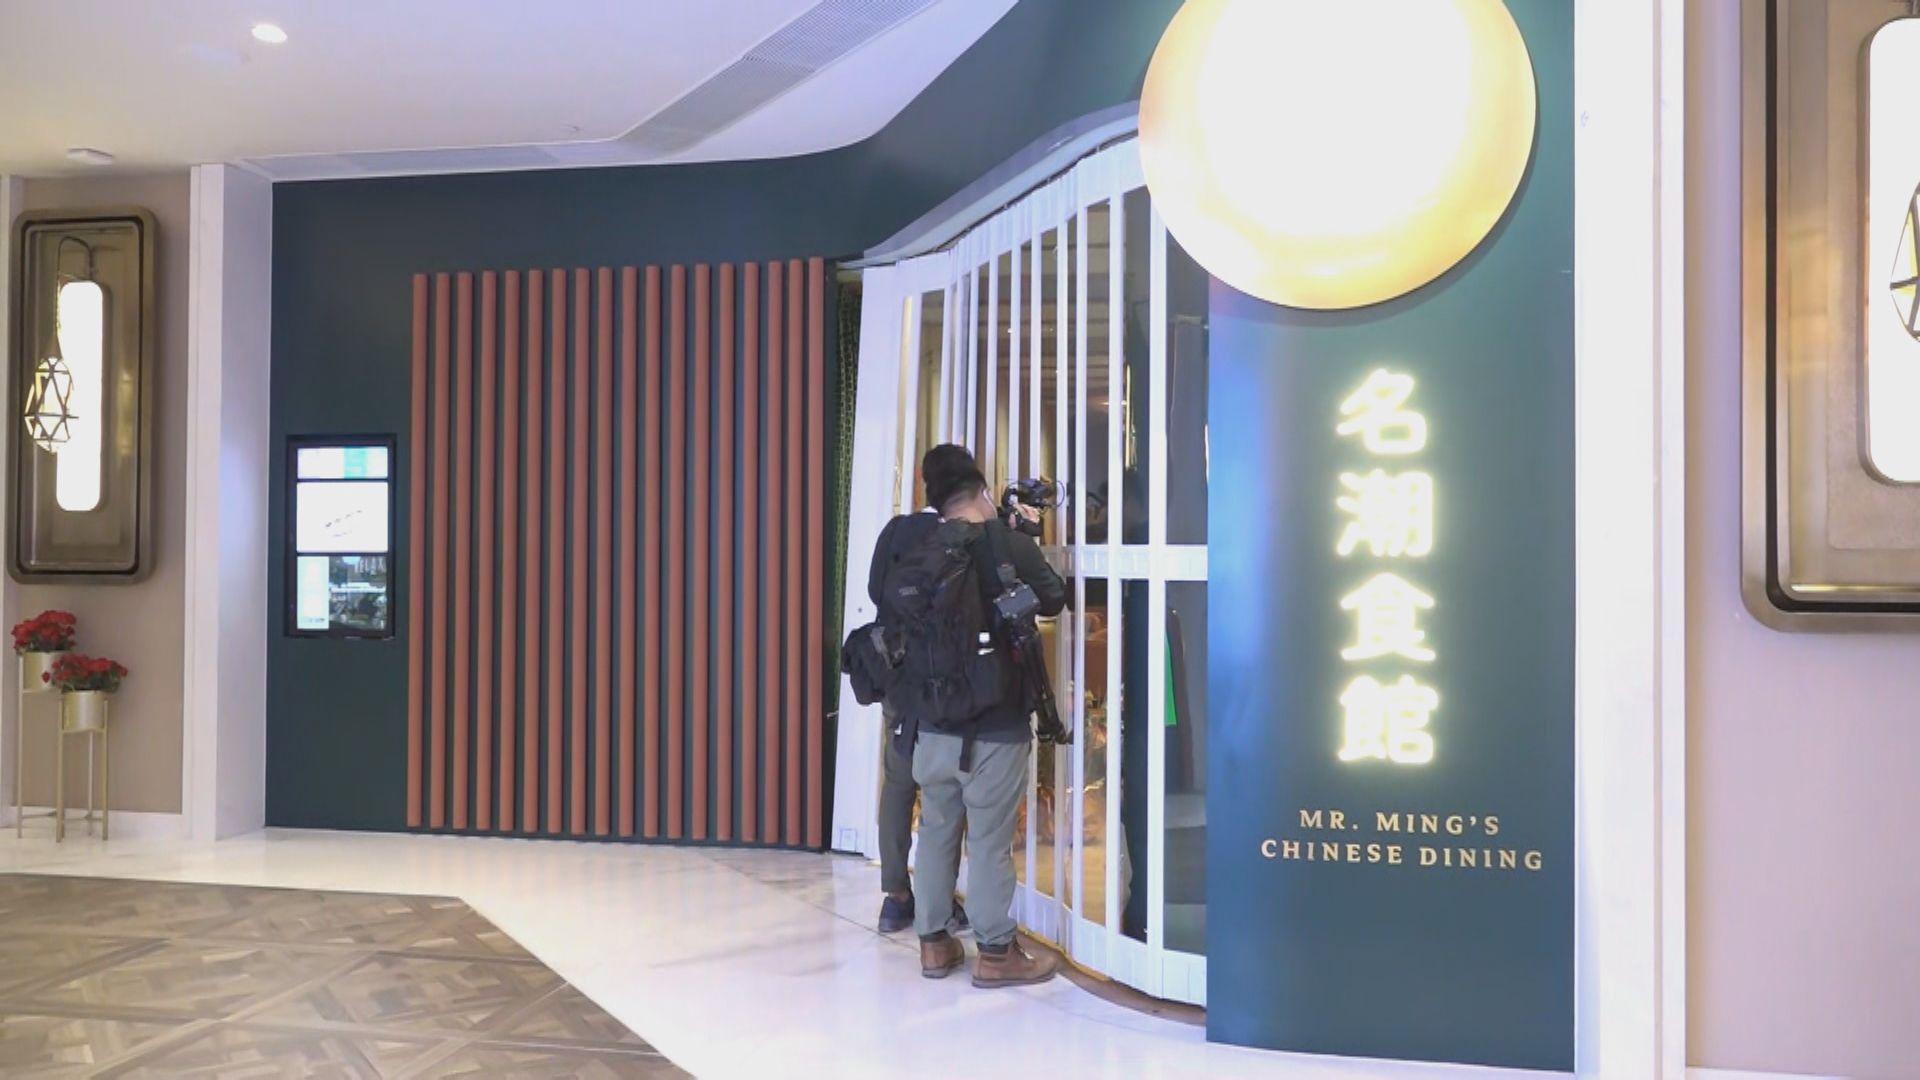 K11 Musea名潮食館群組增至11人